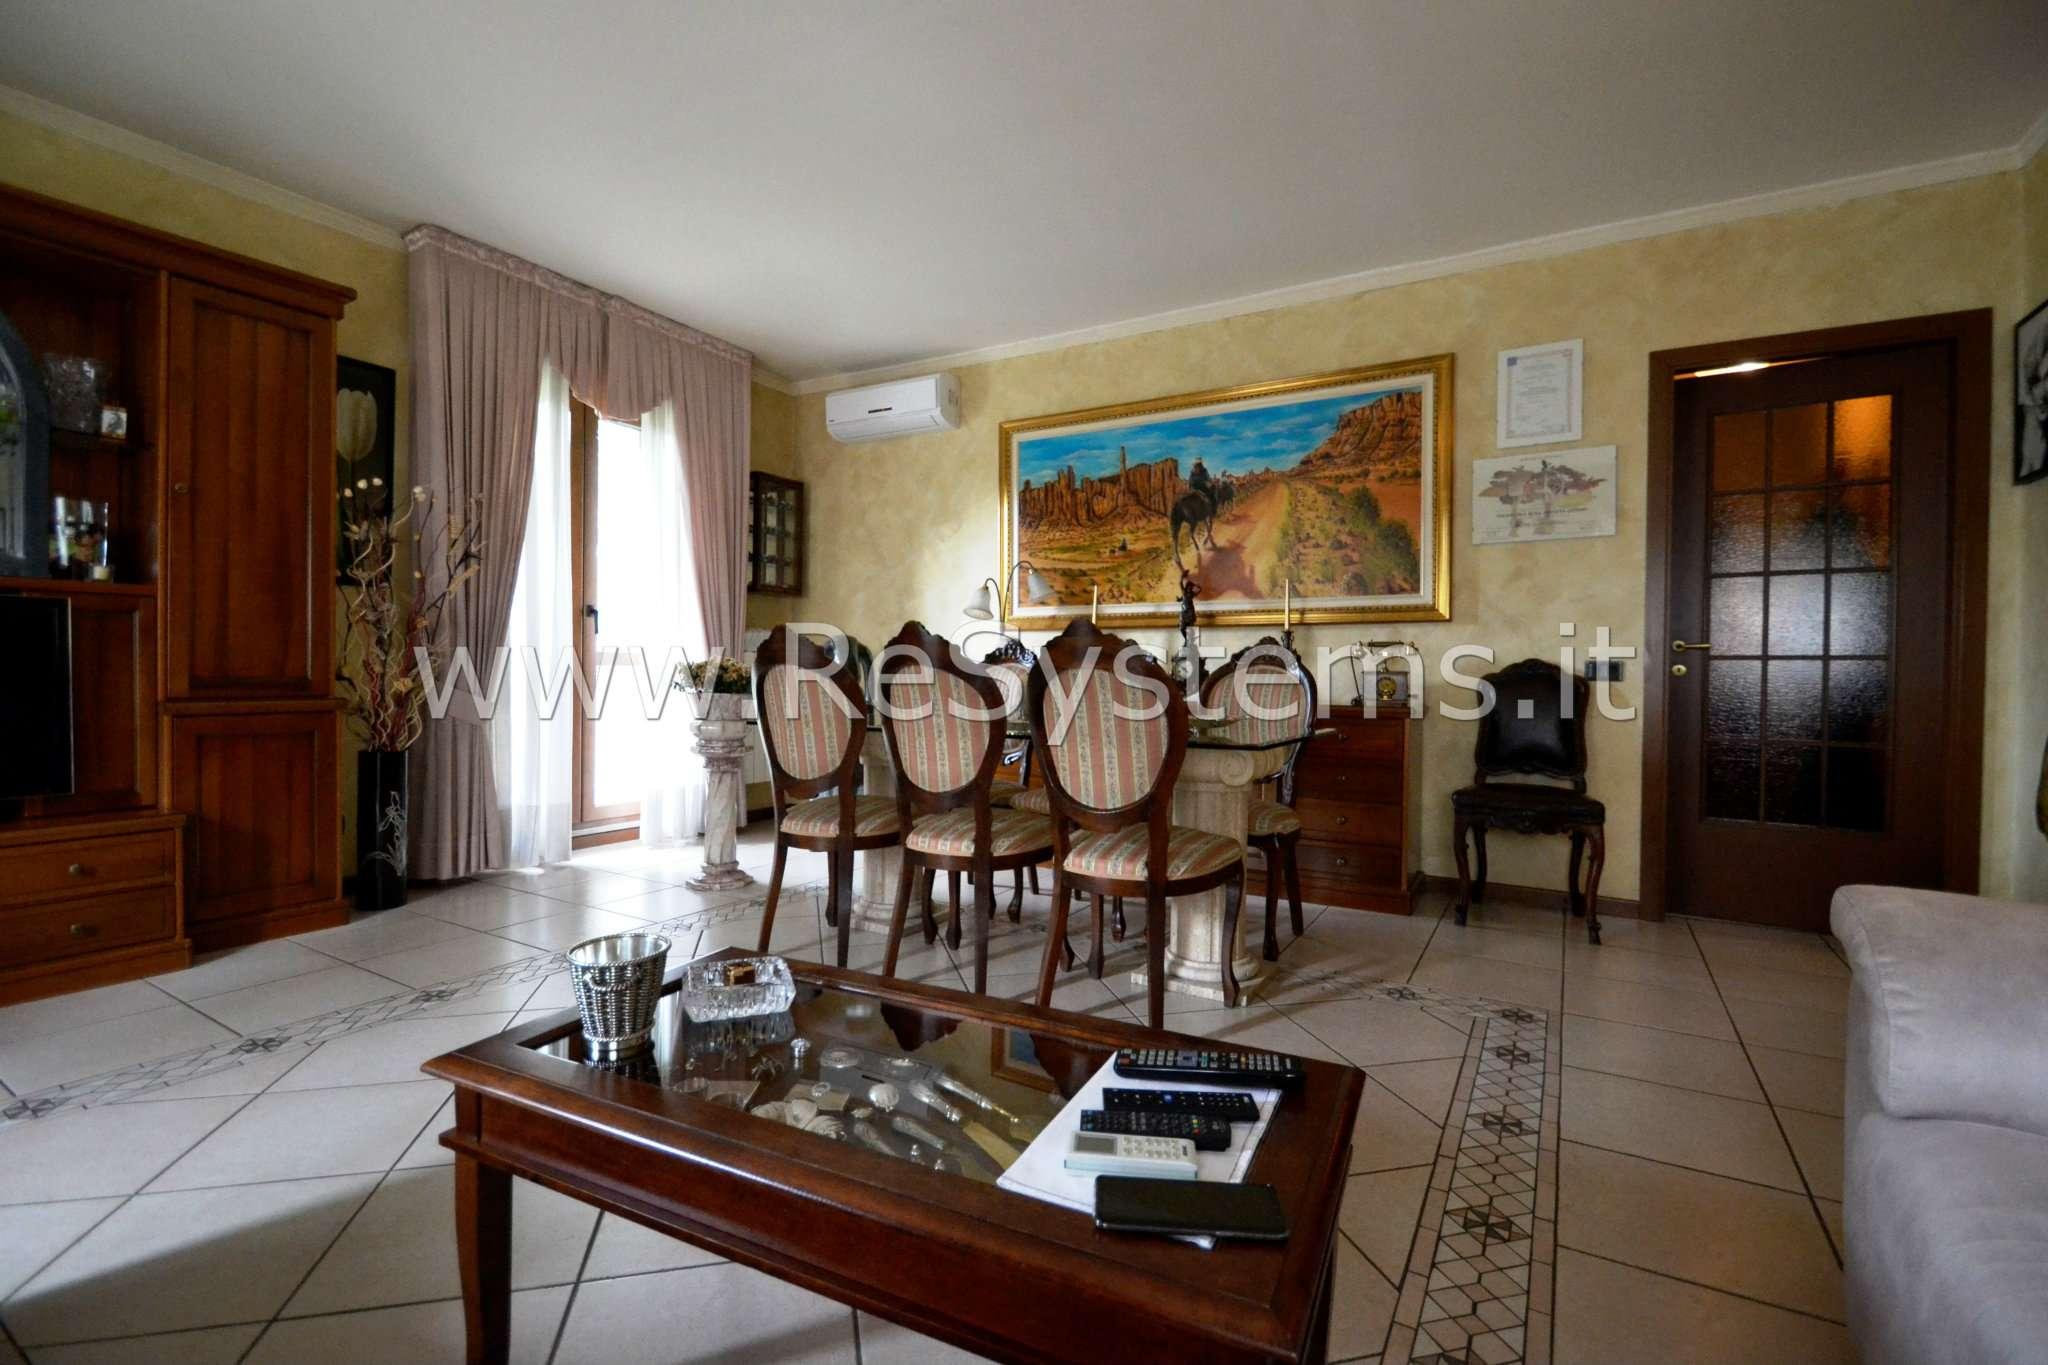 Appartamento in vendita 4 vani 110 mq.  via vittorio de sica 12 Milano